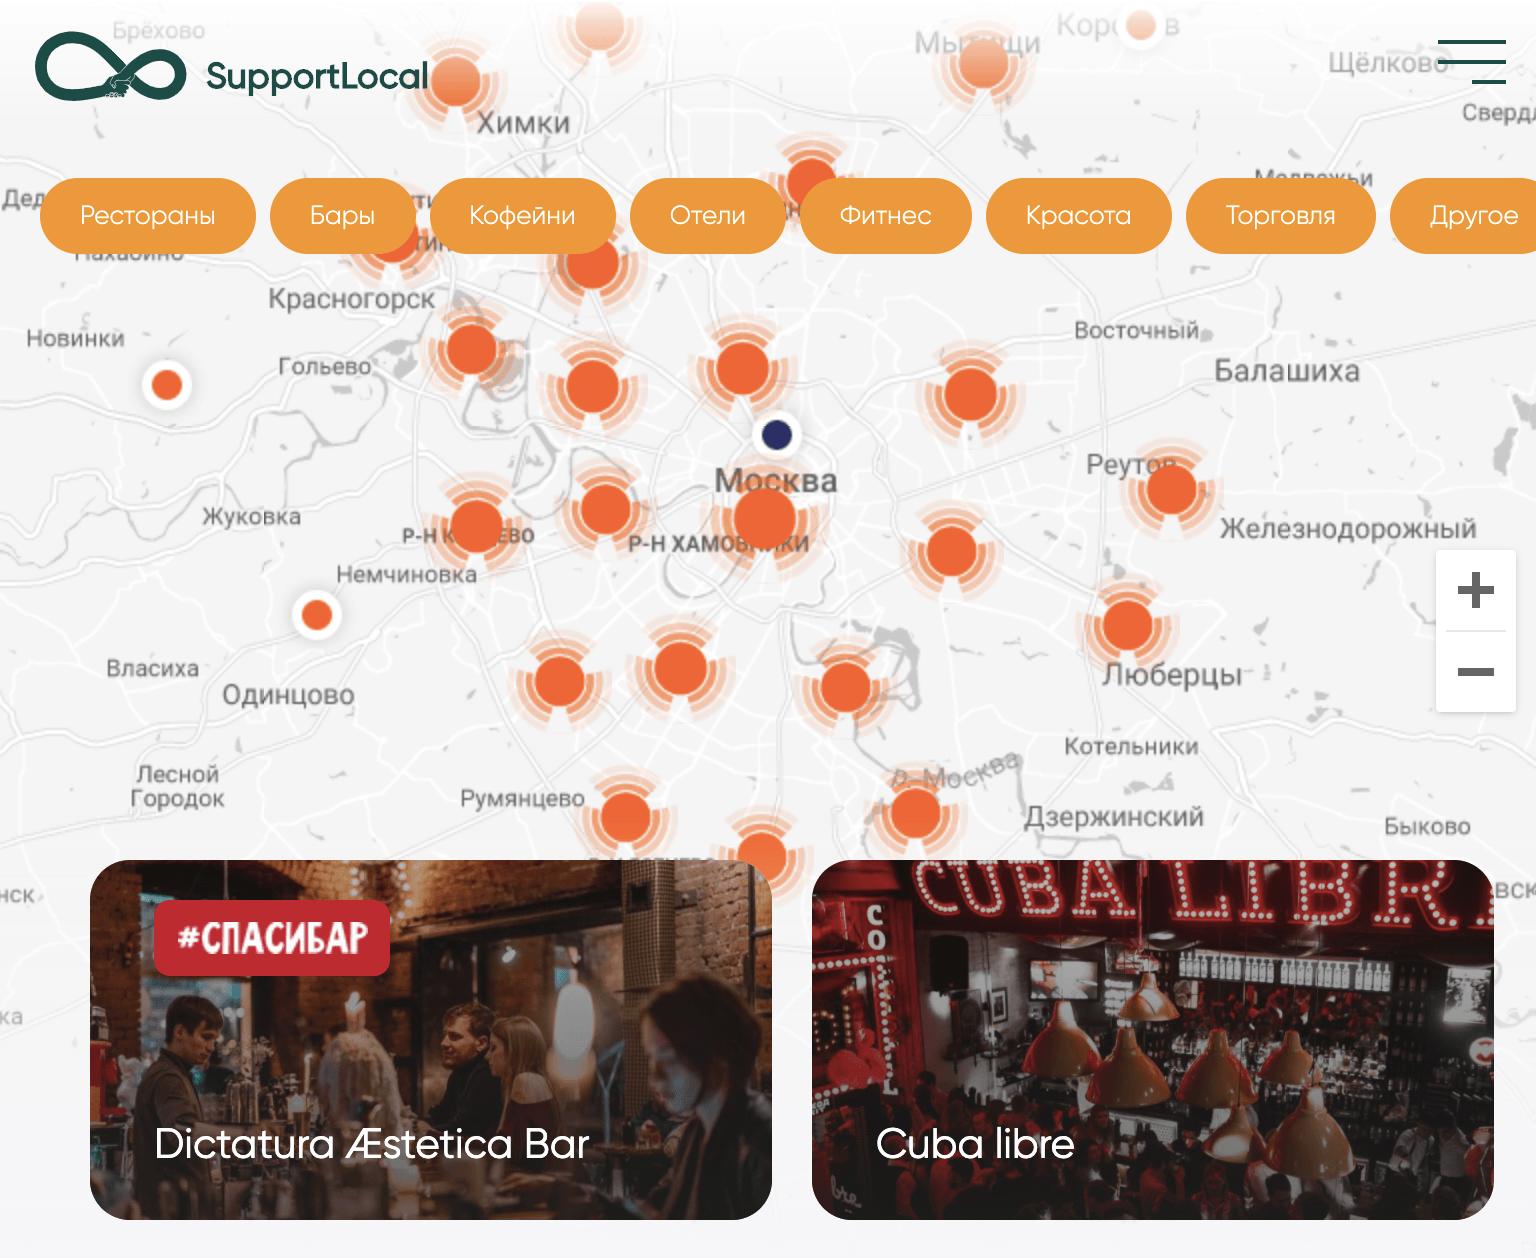 Карта Support local самая обширная из подобных инициатив — на ней собраны заведения примерно в 40 городах России. Можно воспользоваться фильтром и найти, скажем, только кофейни в своем городе